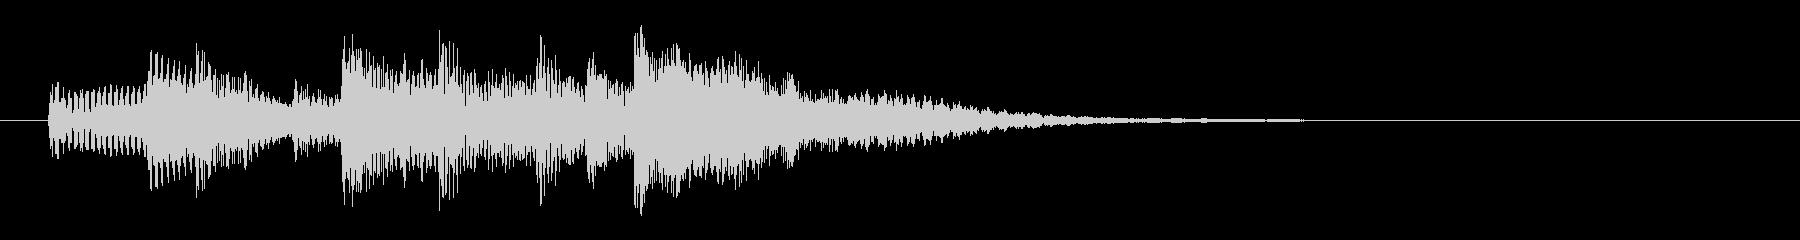 和やかエレクトリックピアノのサウンドロゴの未再生の波形